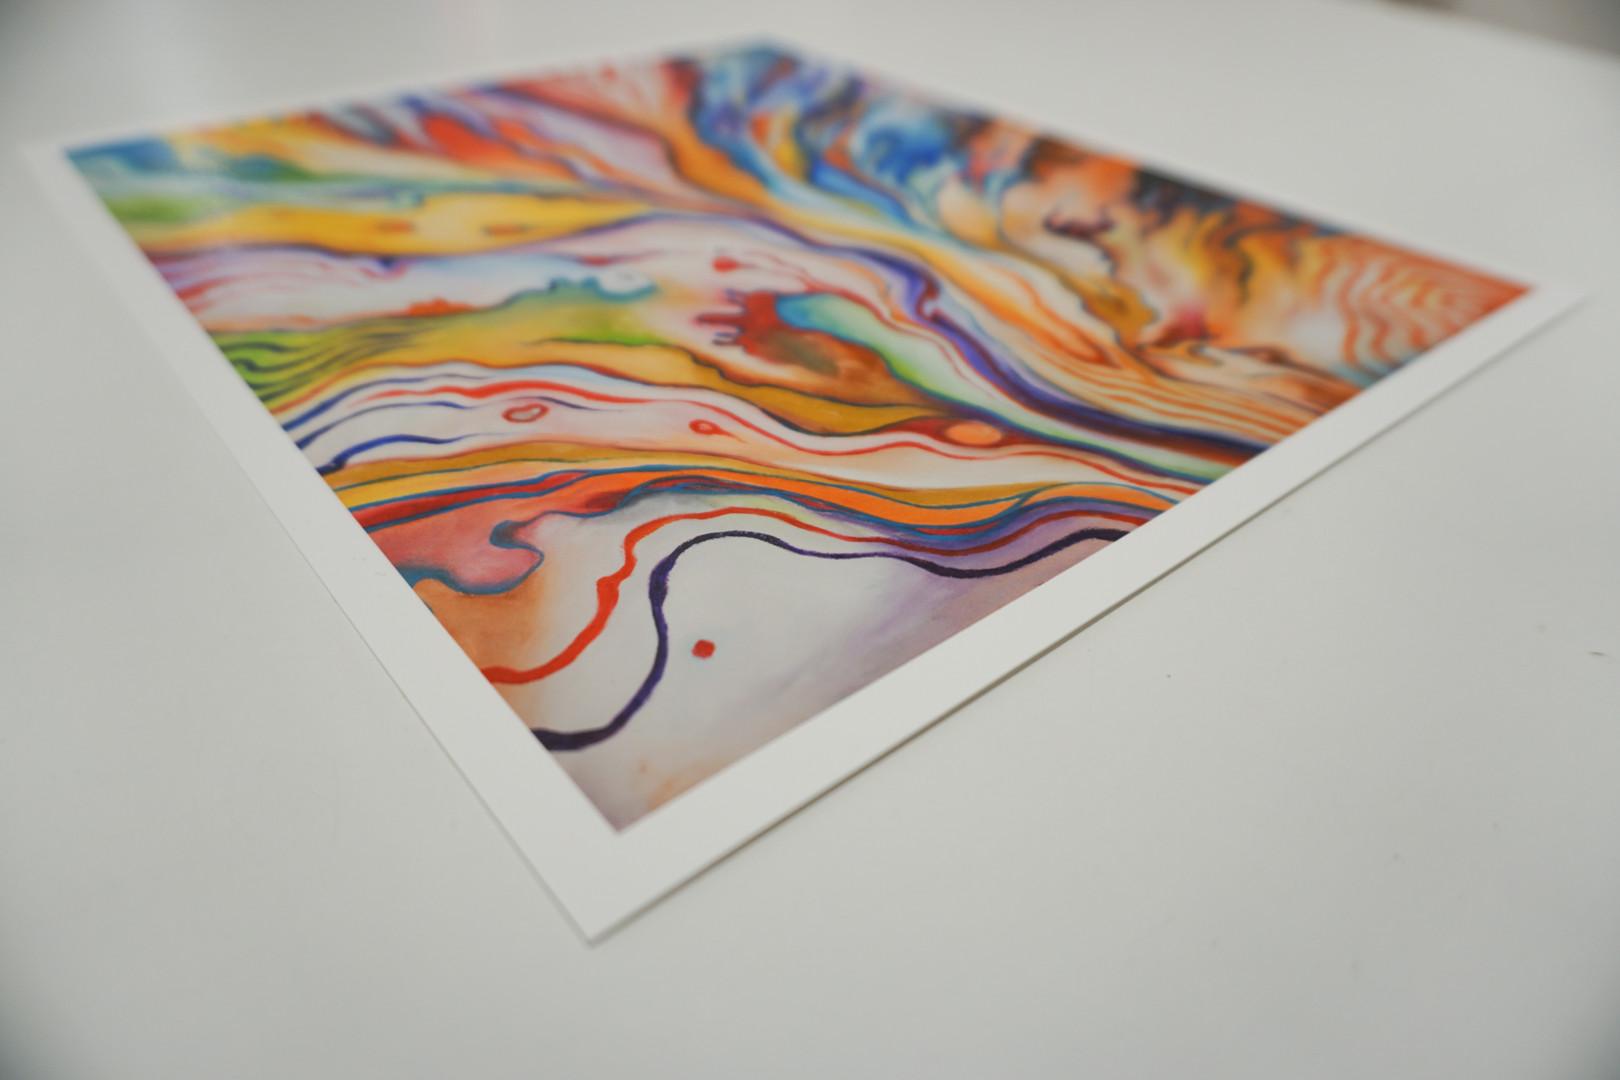 JimVision_TetraChrome_Prints_ActualShots